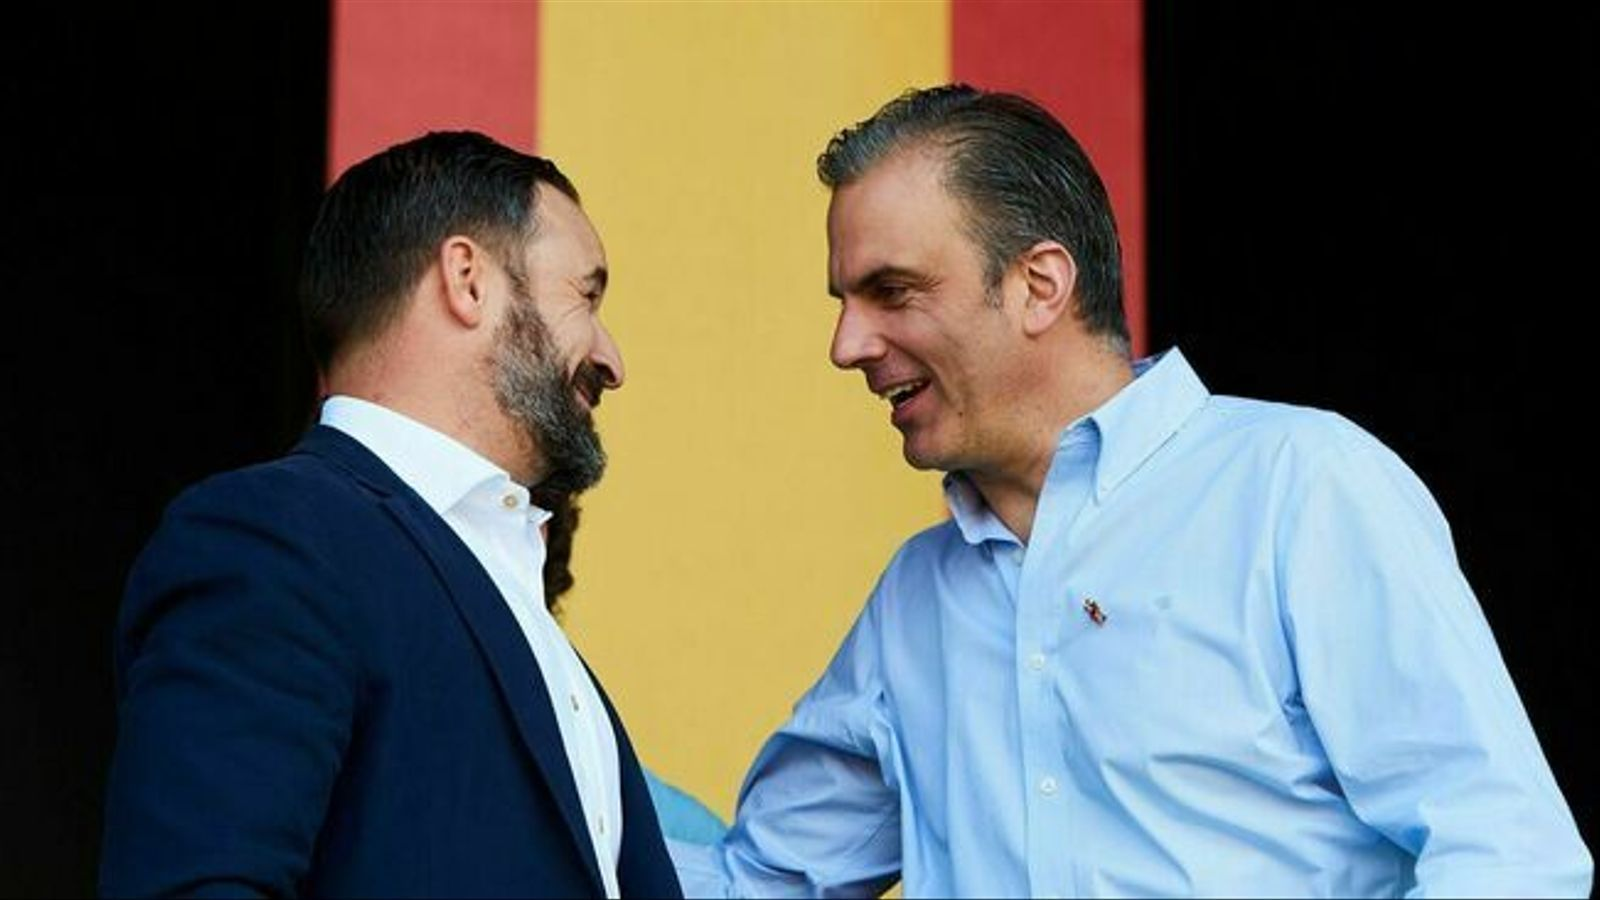 """""""La doctrina falangista serà reconeguda pel poble espanyol fins a guanyar Espanya"""", el passat ideològic d'Ortega Smith"""